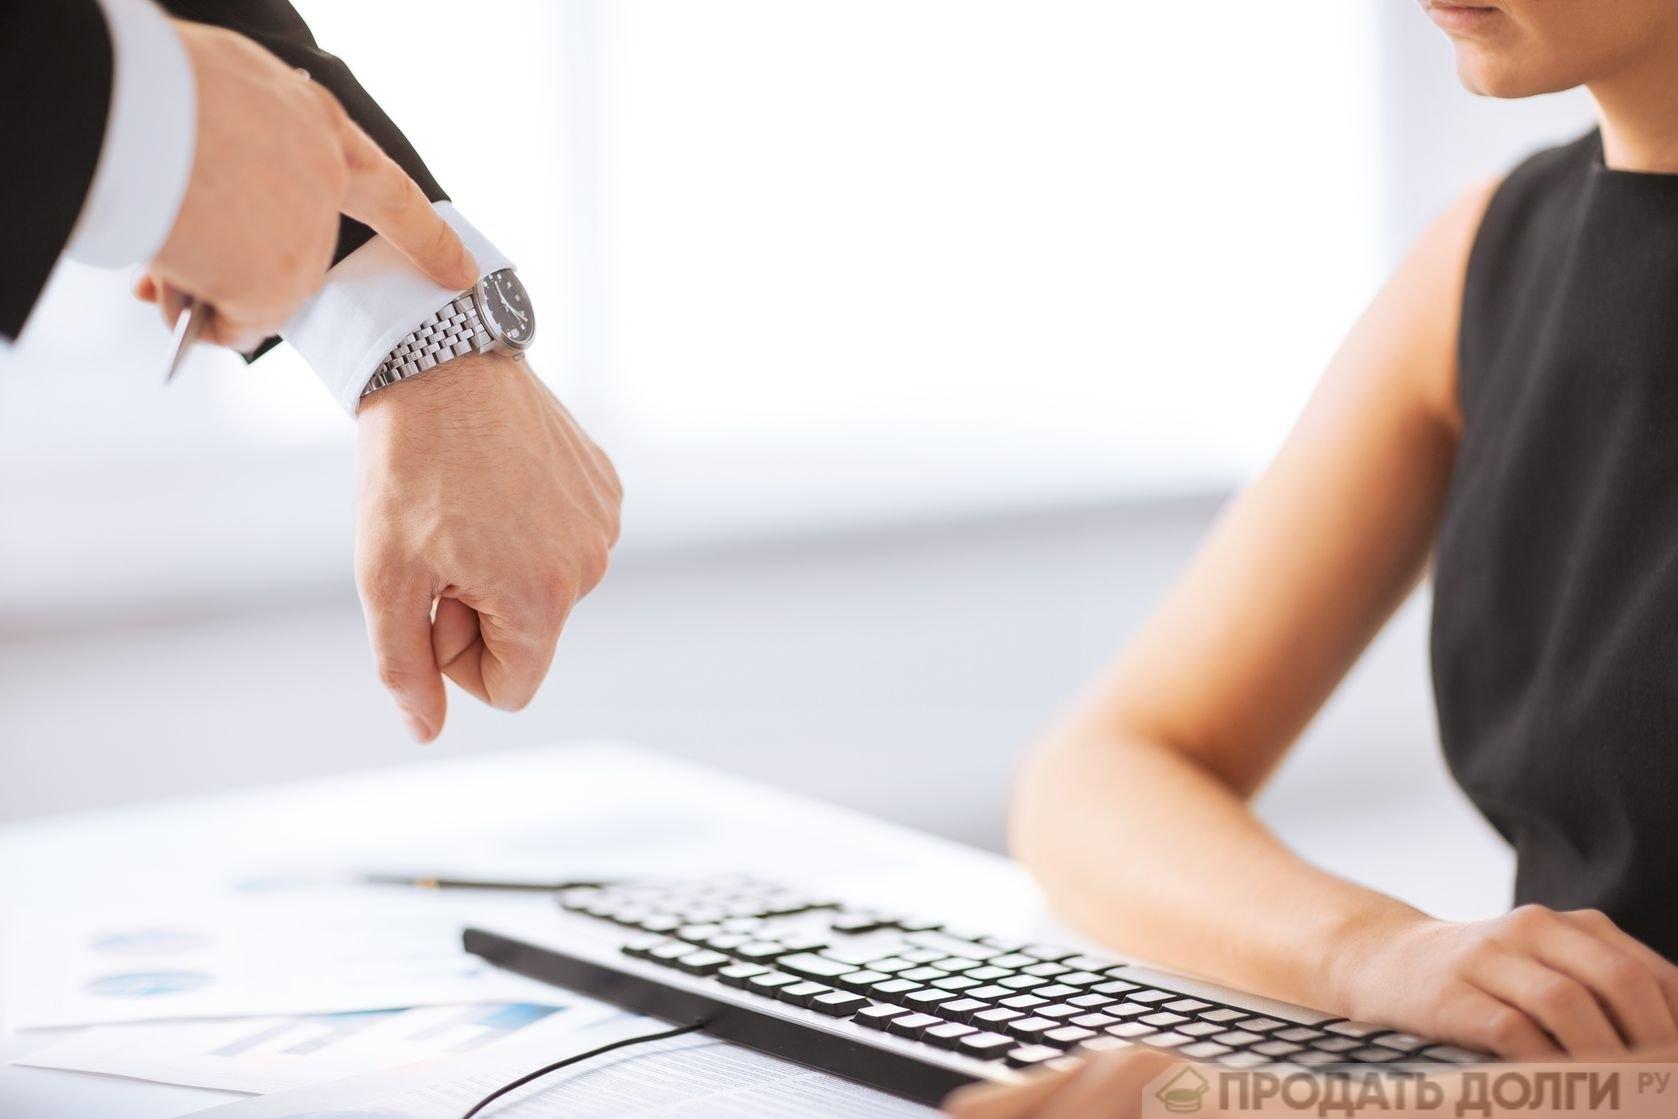 взыскание задолженности по кредитному договору срок давности